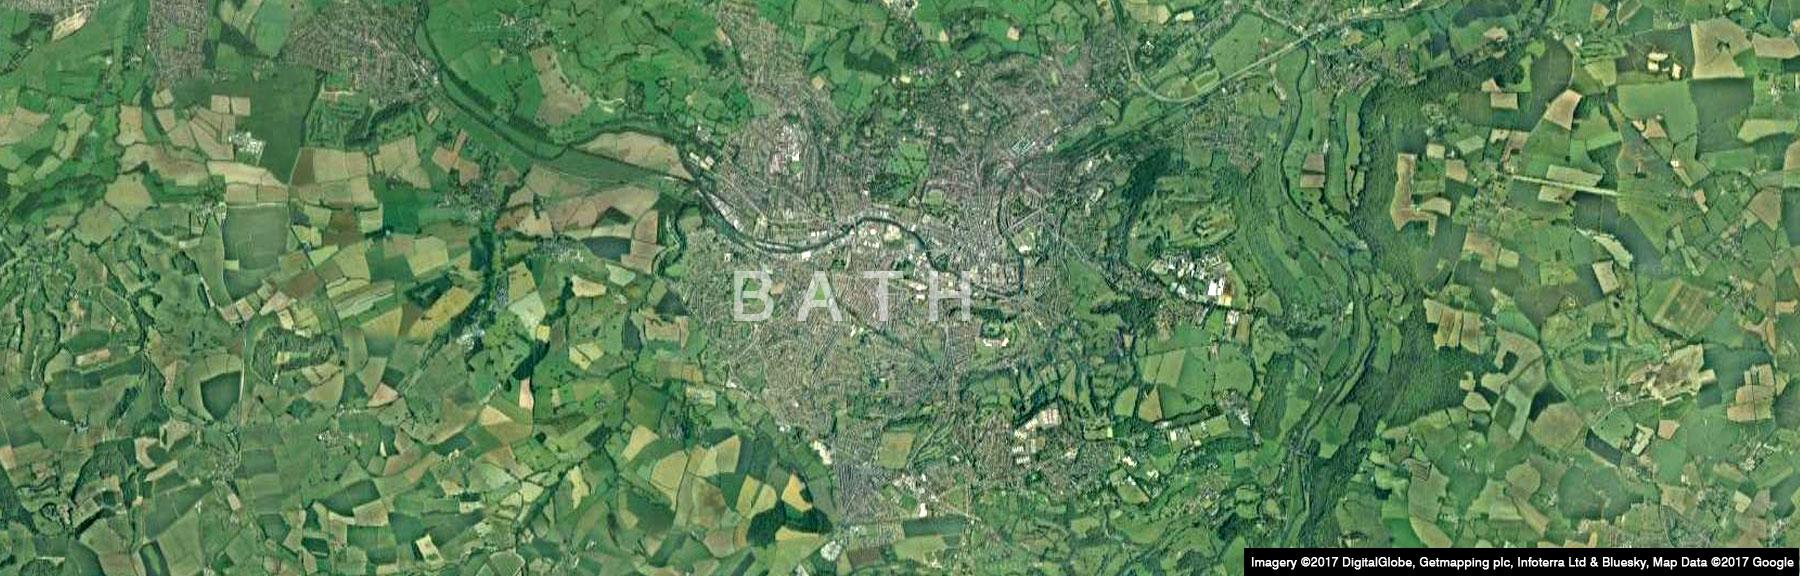 Bath Aerial View